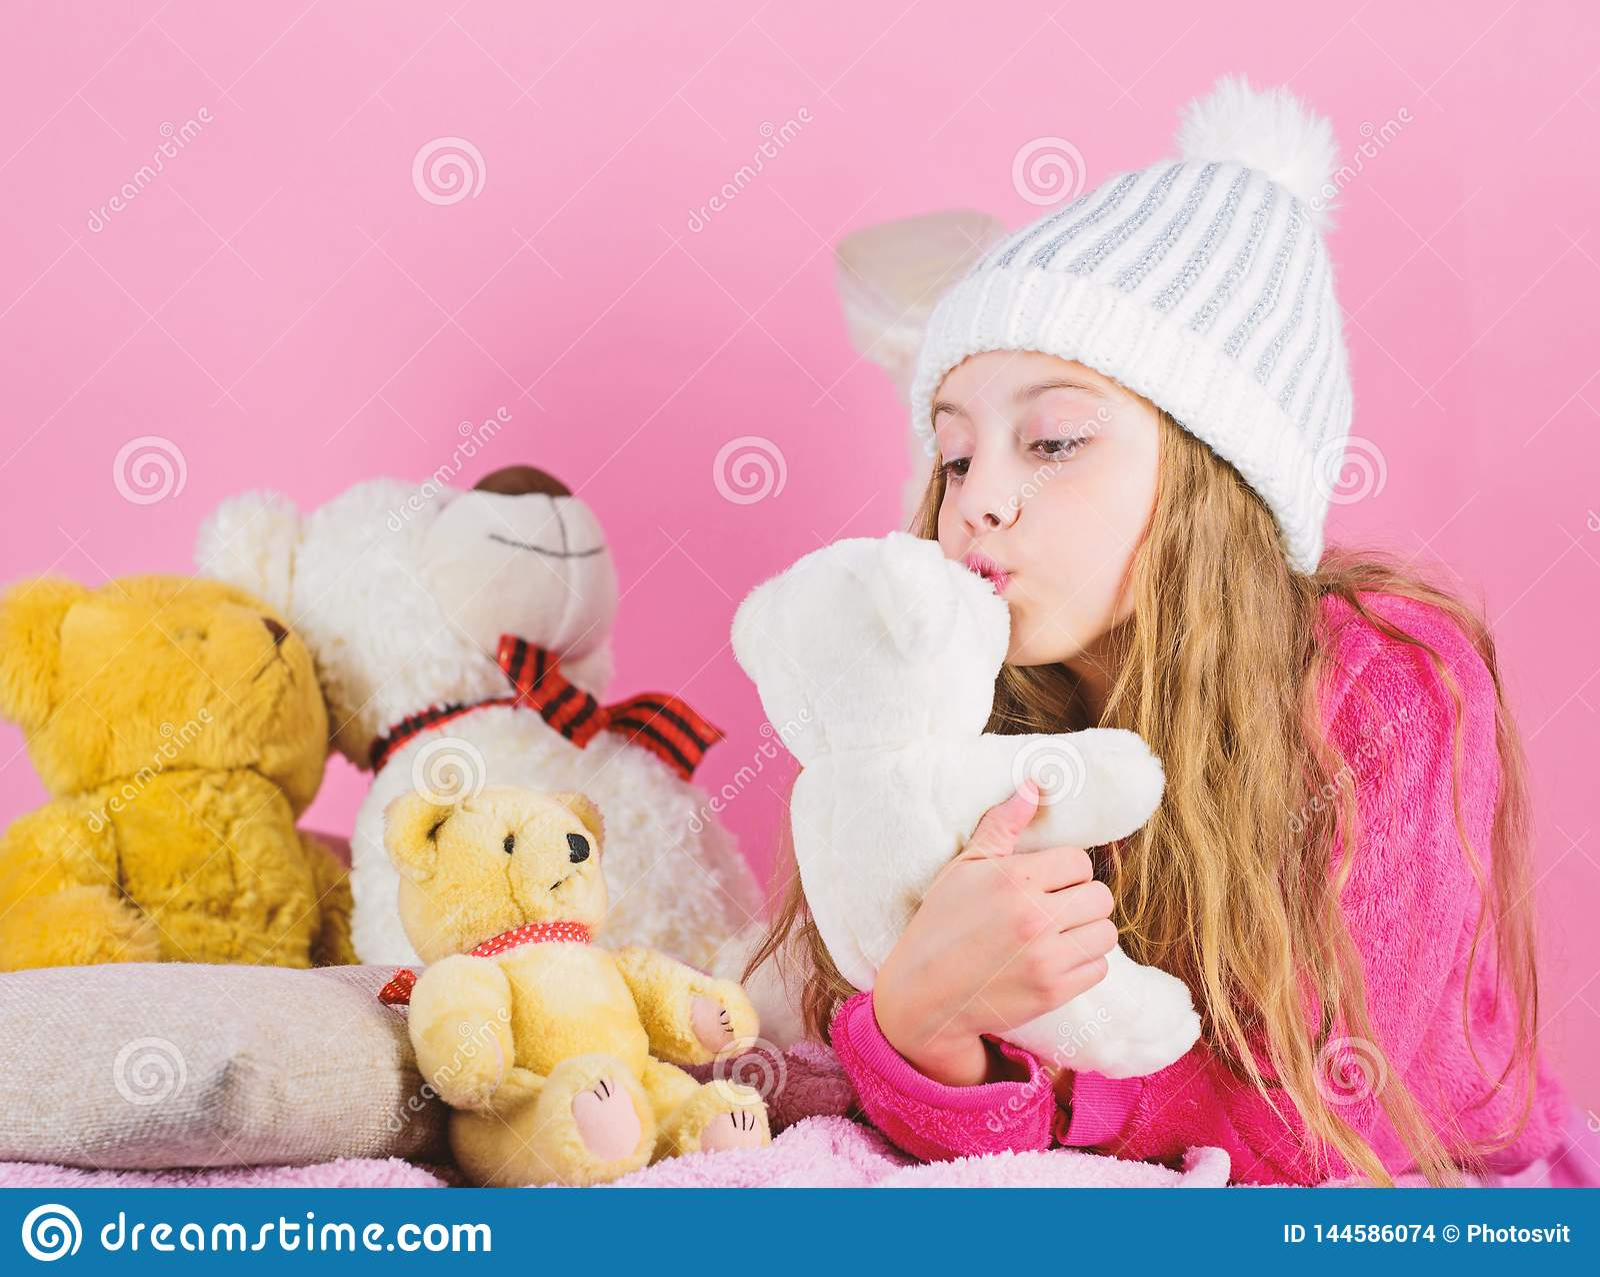 Игра маленькой девочки ребенк с мягкой плюшевым мишкой игрушки на розовой предпосылке Плюшевые мишки помогают детям отрегулироват